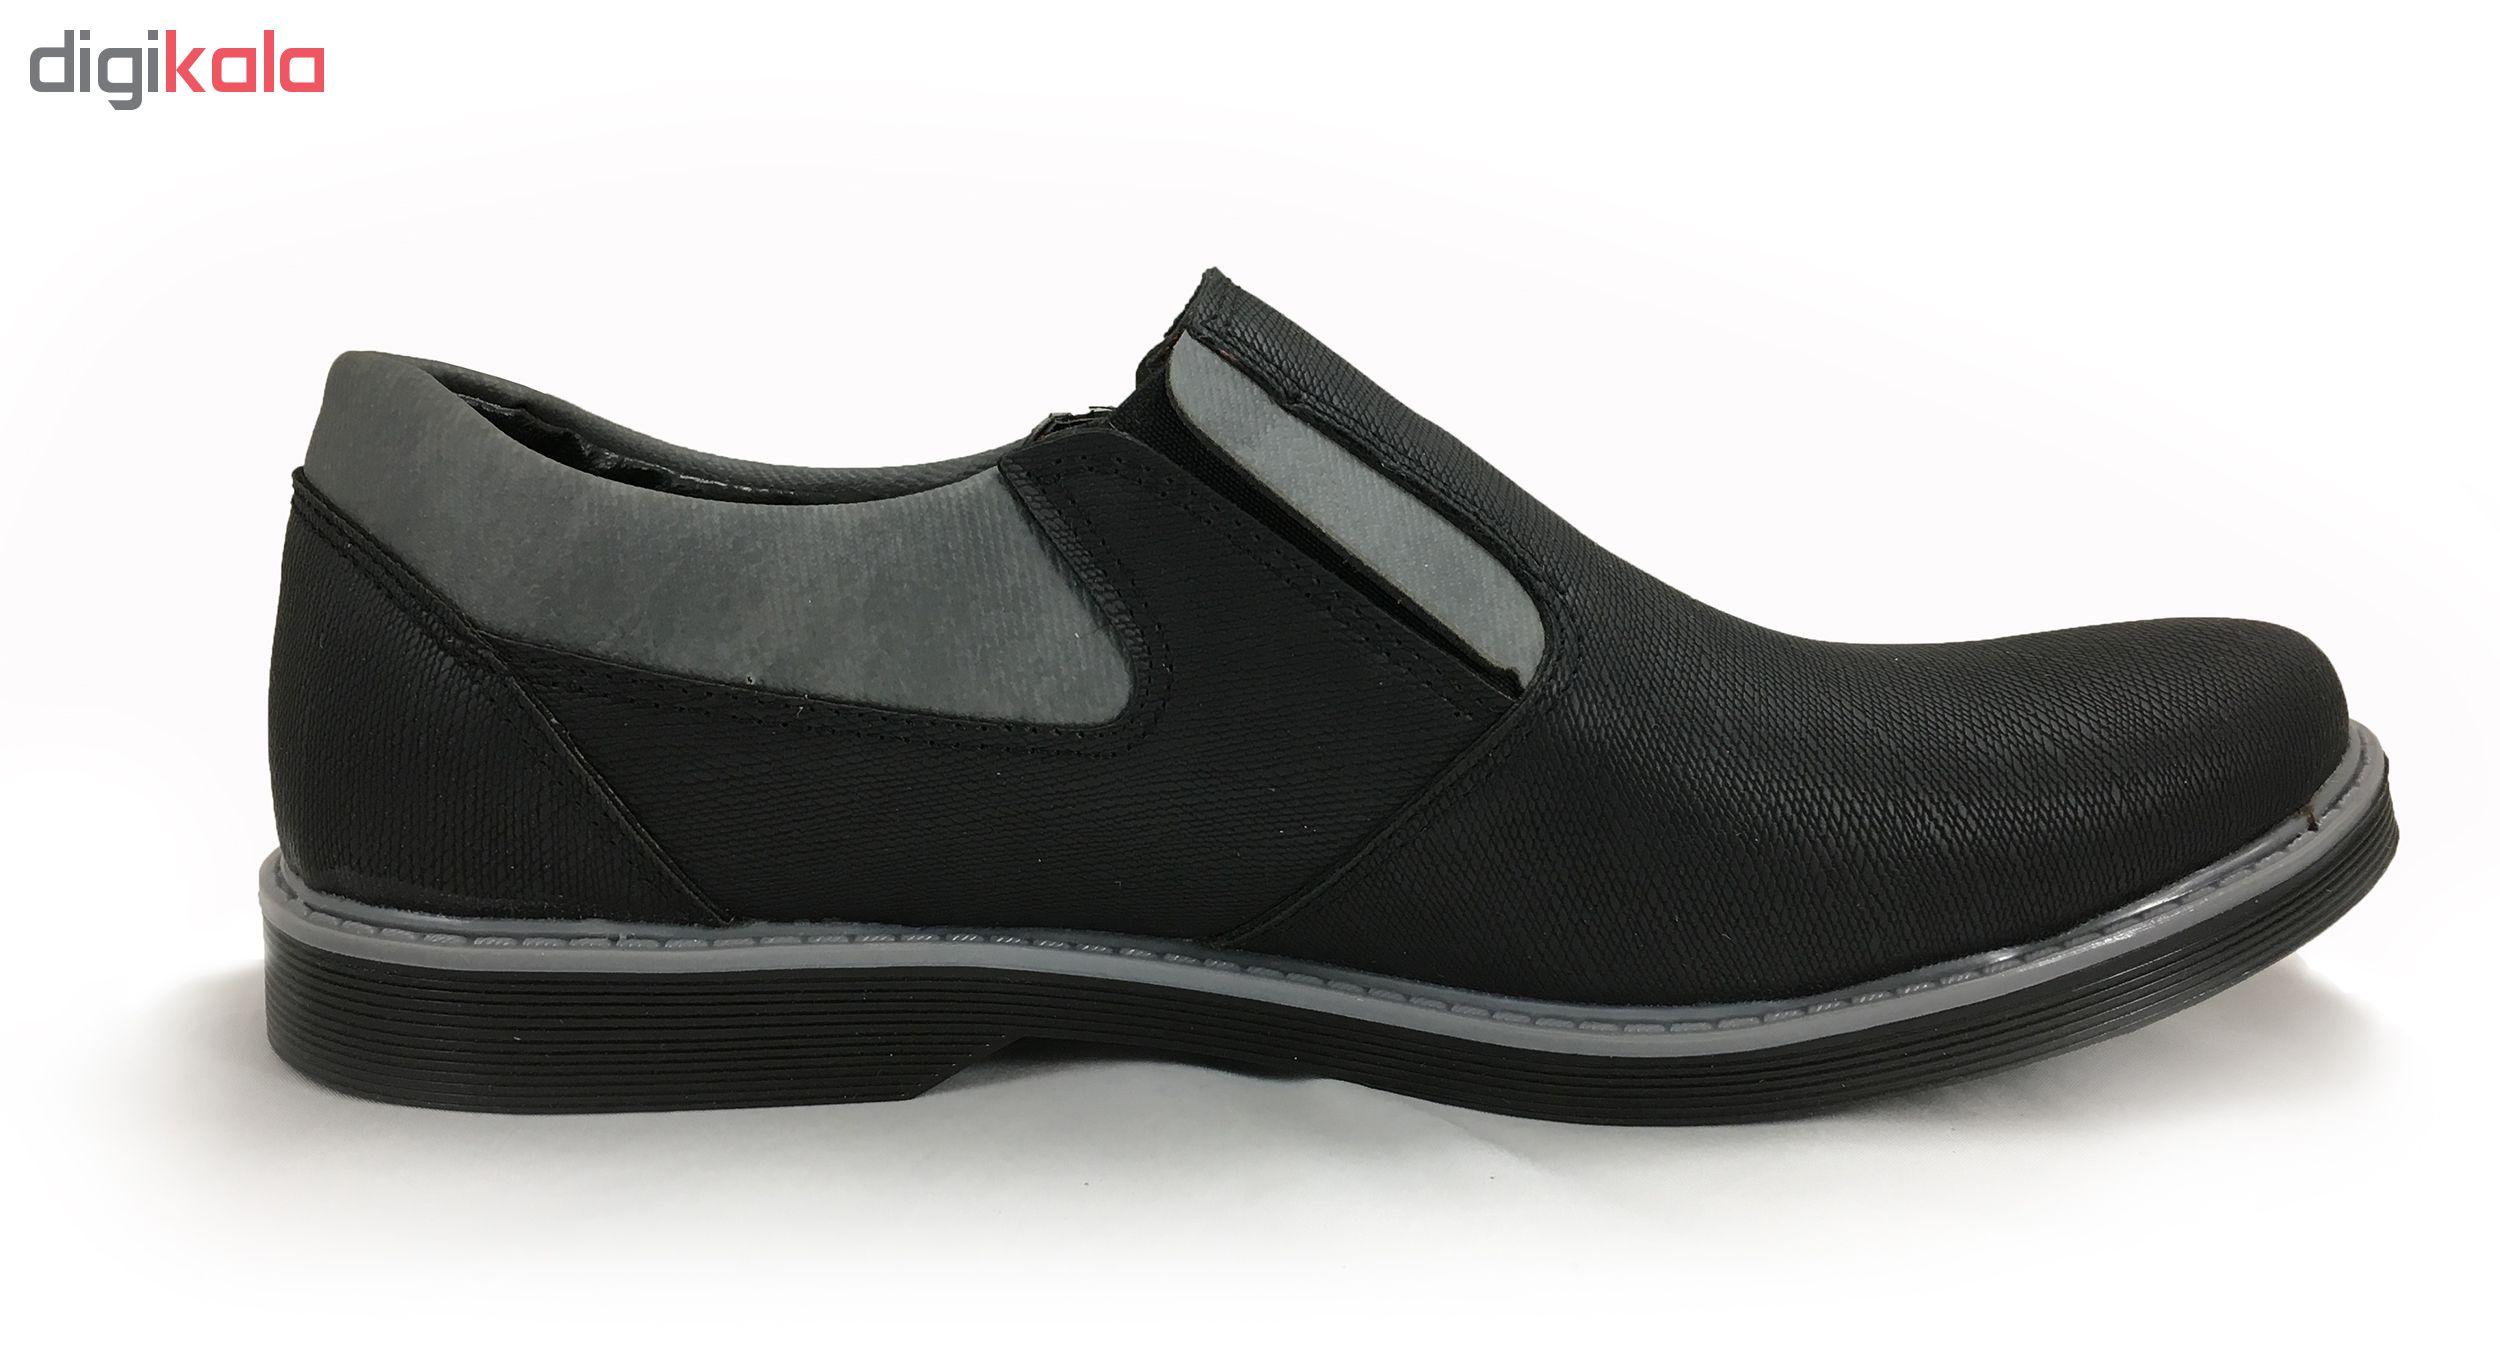 کفش مردانه مدل نقش جهان کد 3202